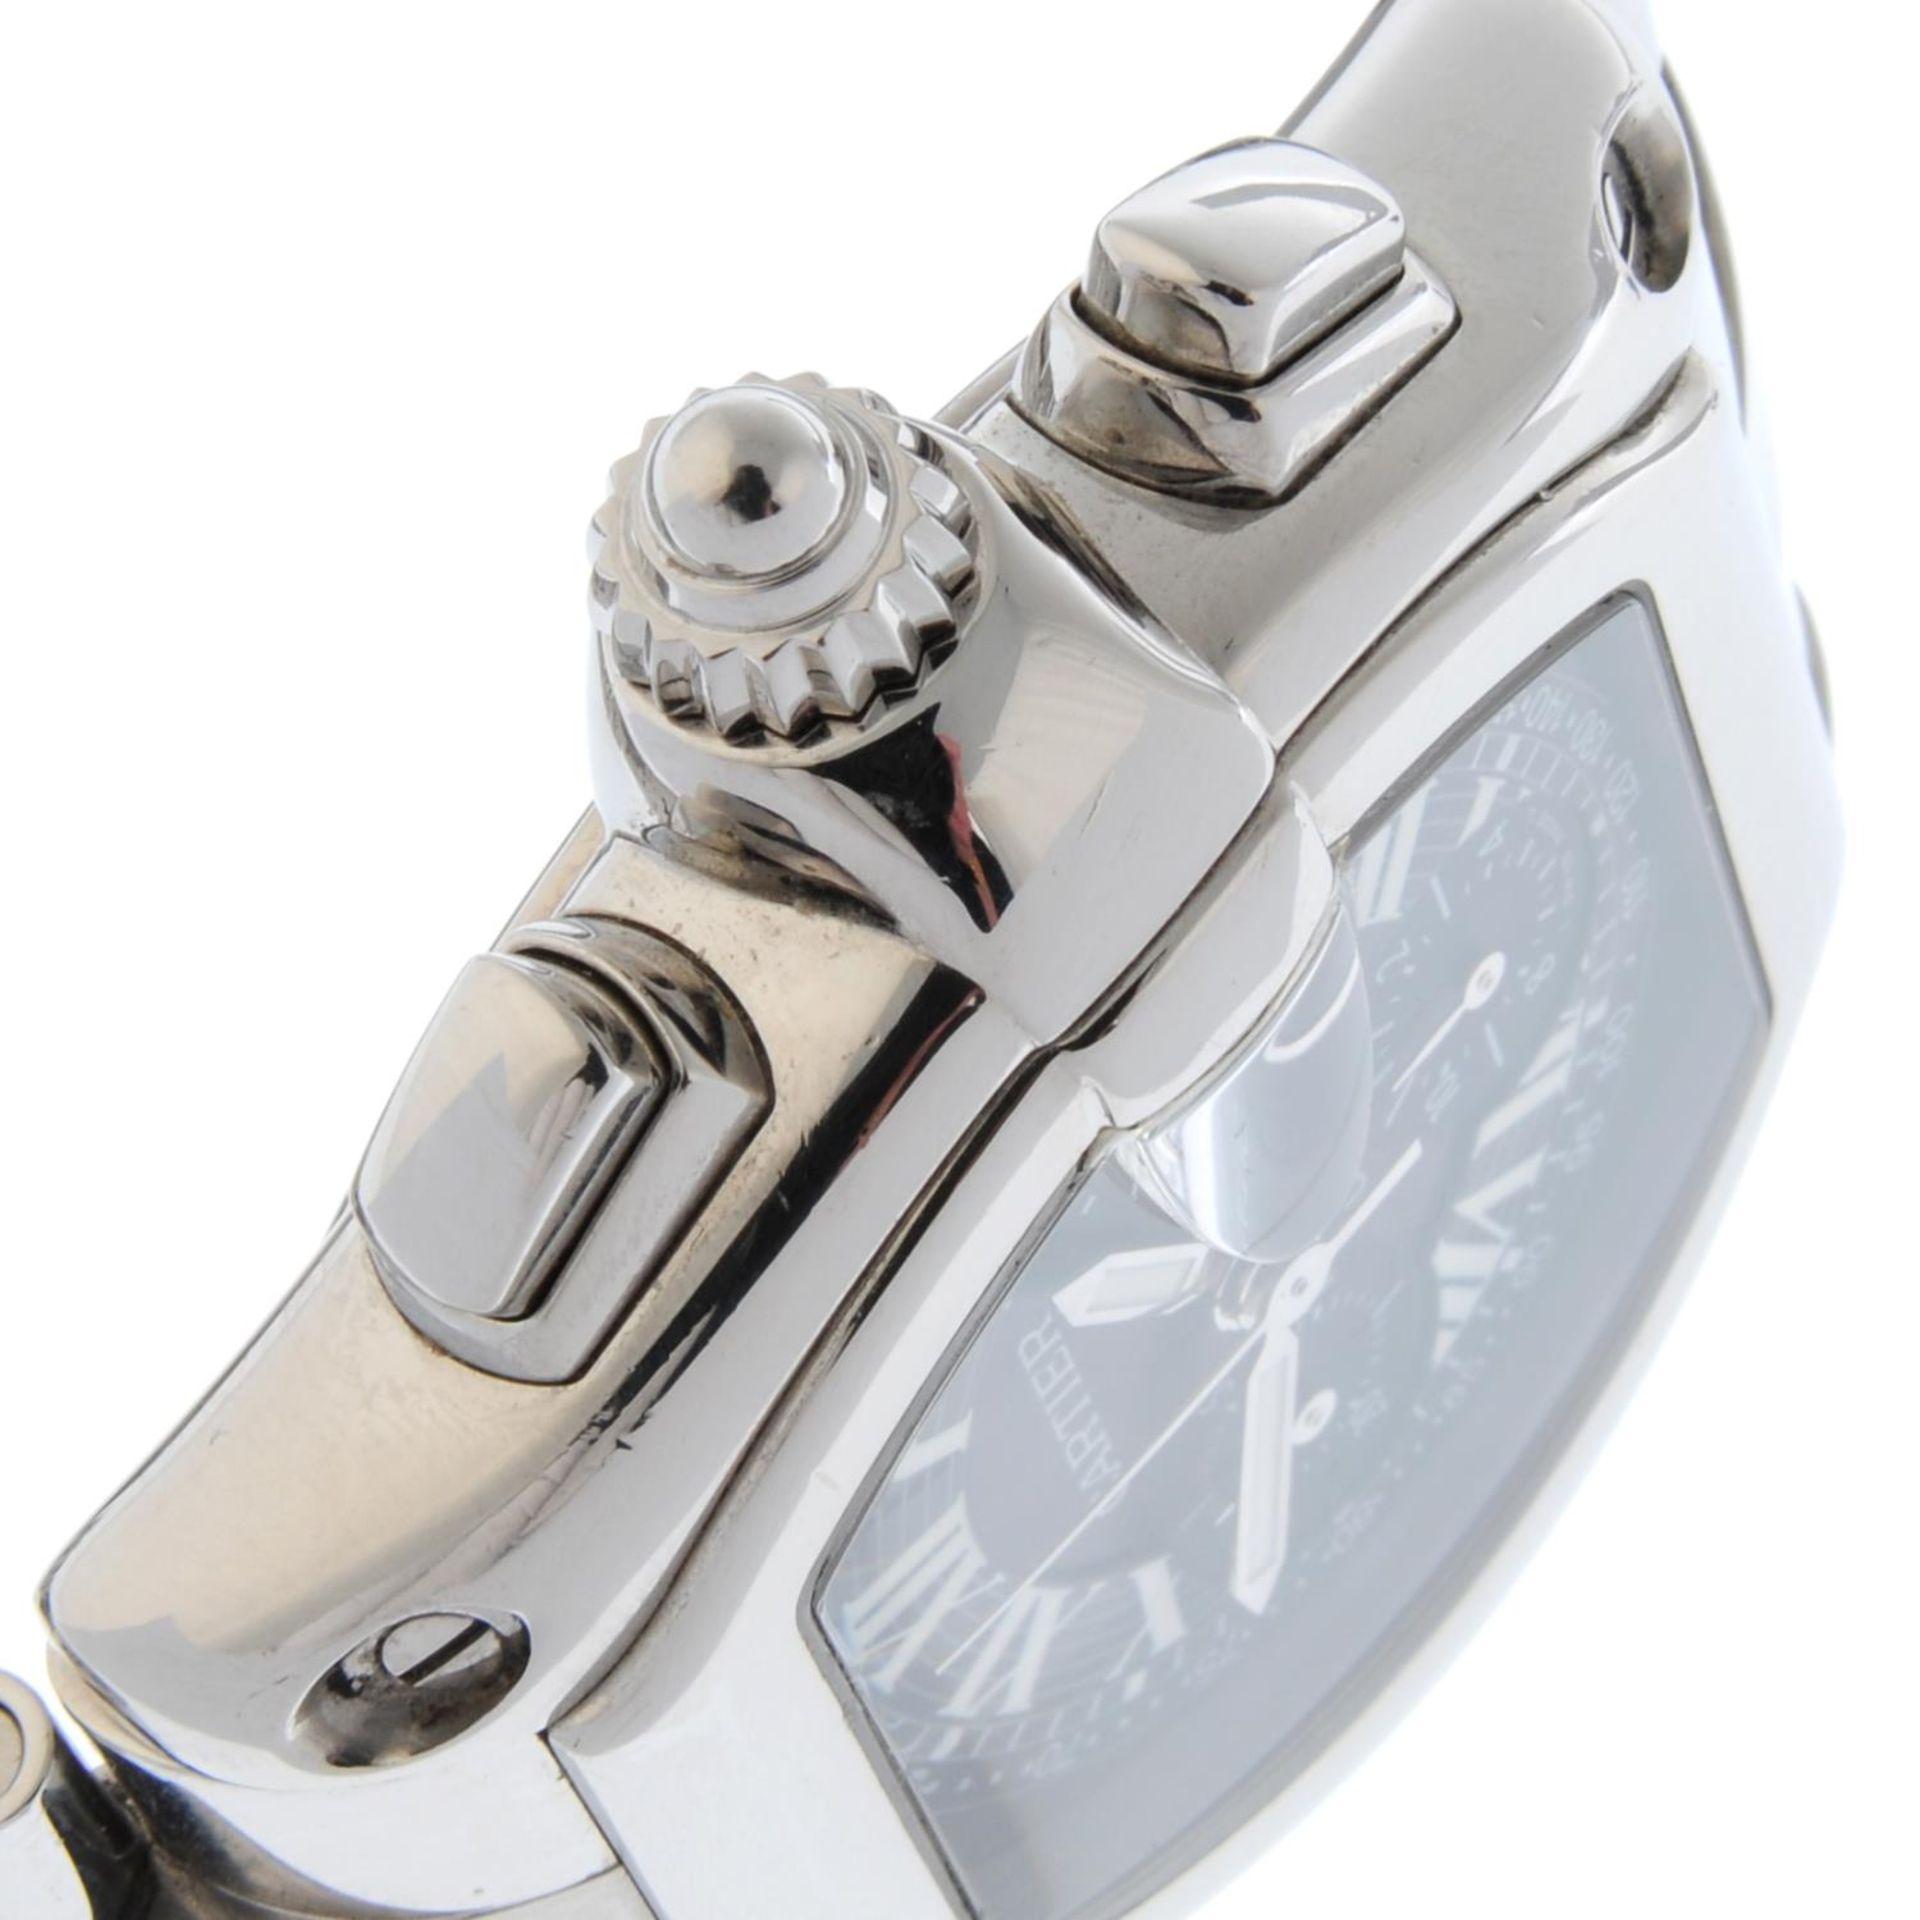 CARTIER - a Roadster XL chronograph bracelet watch. - Bild 4 aus 6